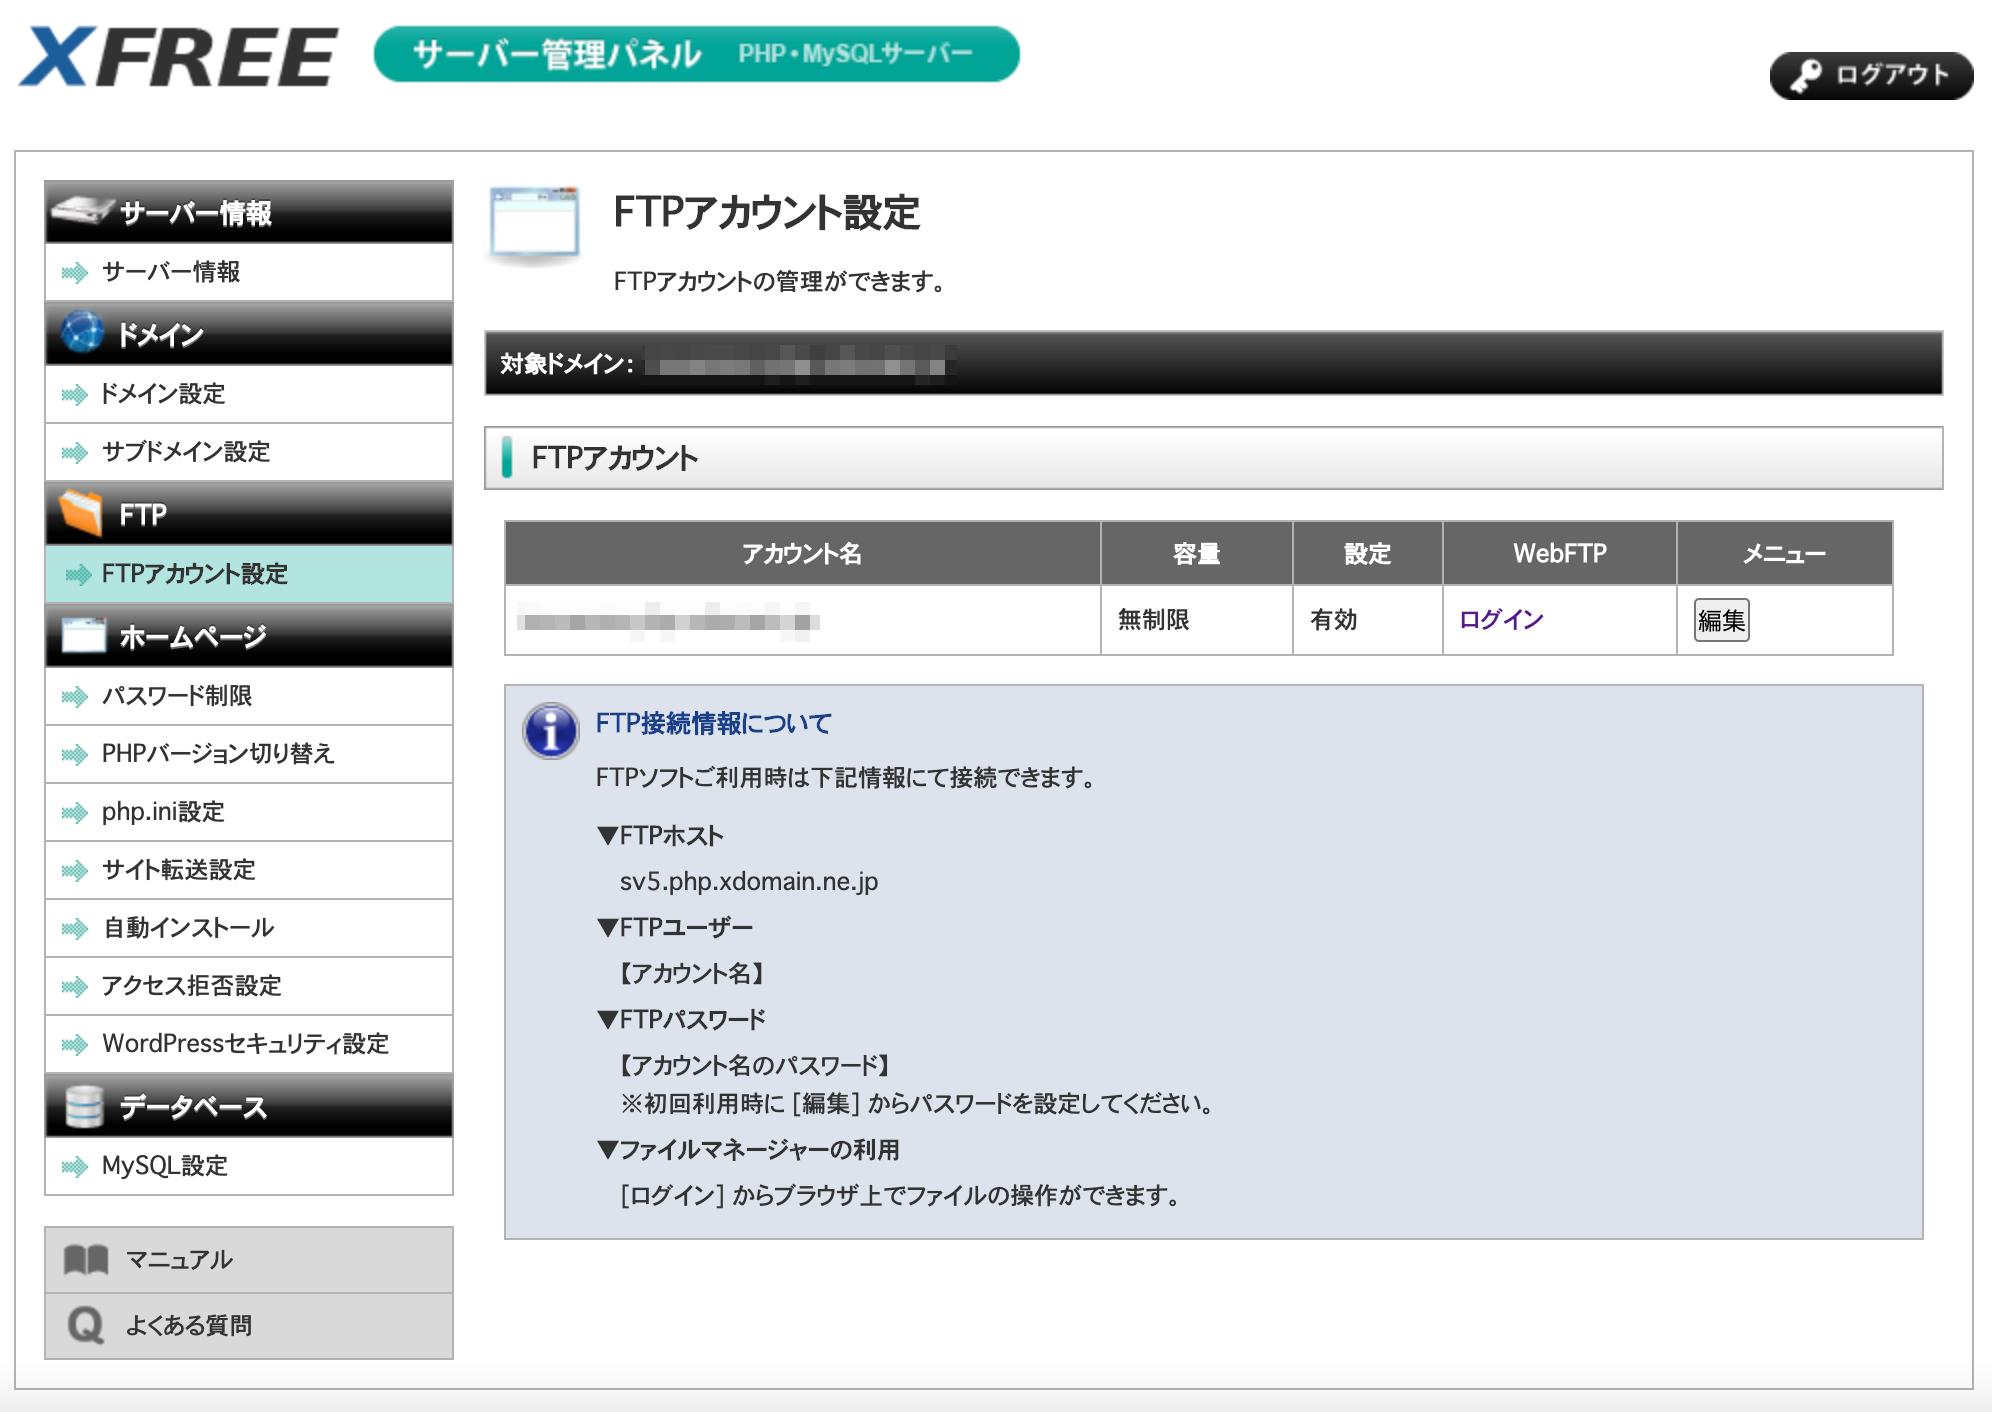 スクリーンショット 2020-11-16 11.52.59.png